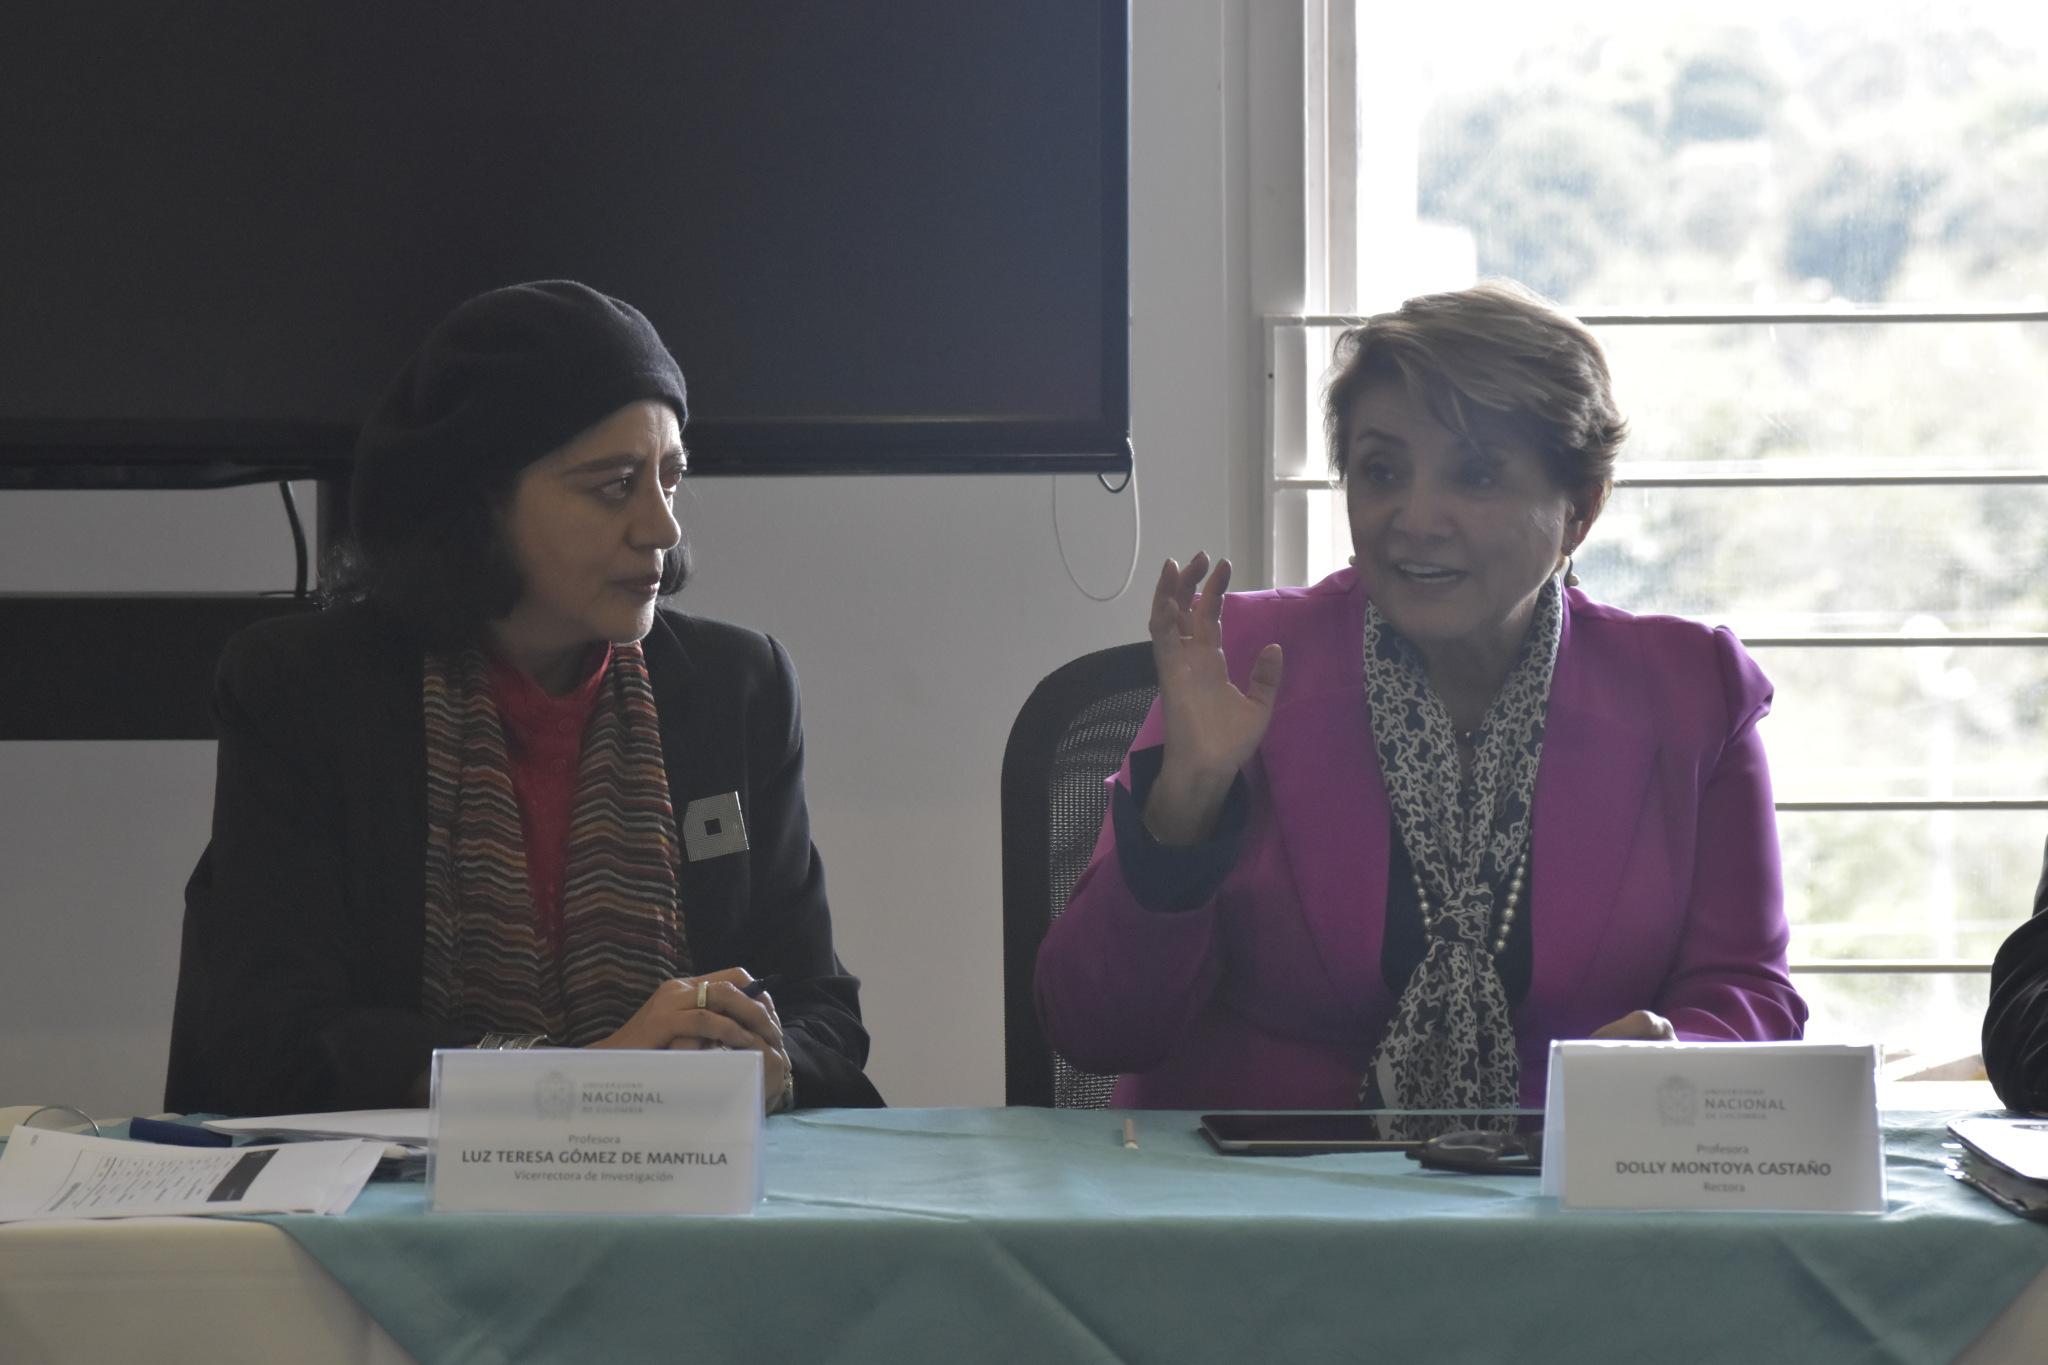 Luz Teresa Gómez de Mantilla, vicerrectora de Investigación (izquierda); Dolly Montoya, rectora de la UNAL (Foto: VRI)